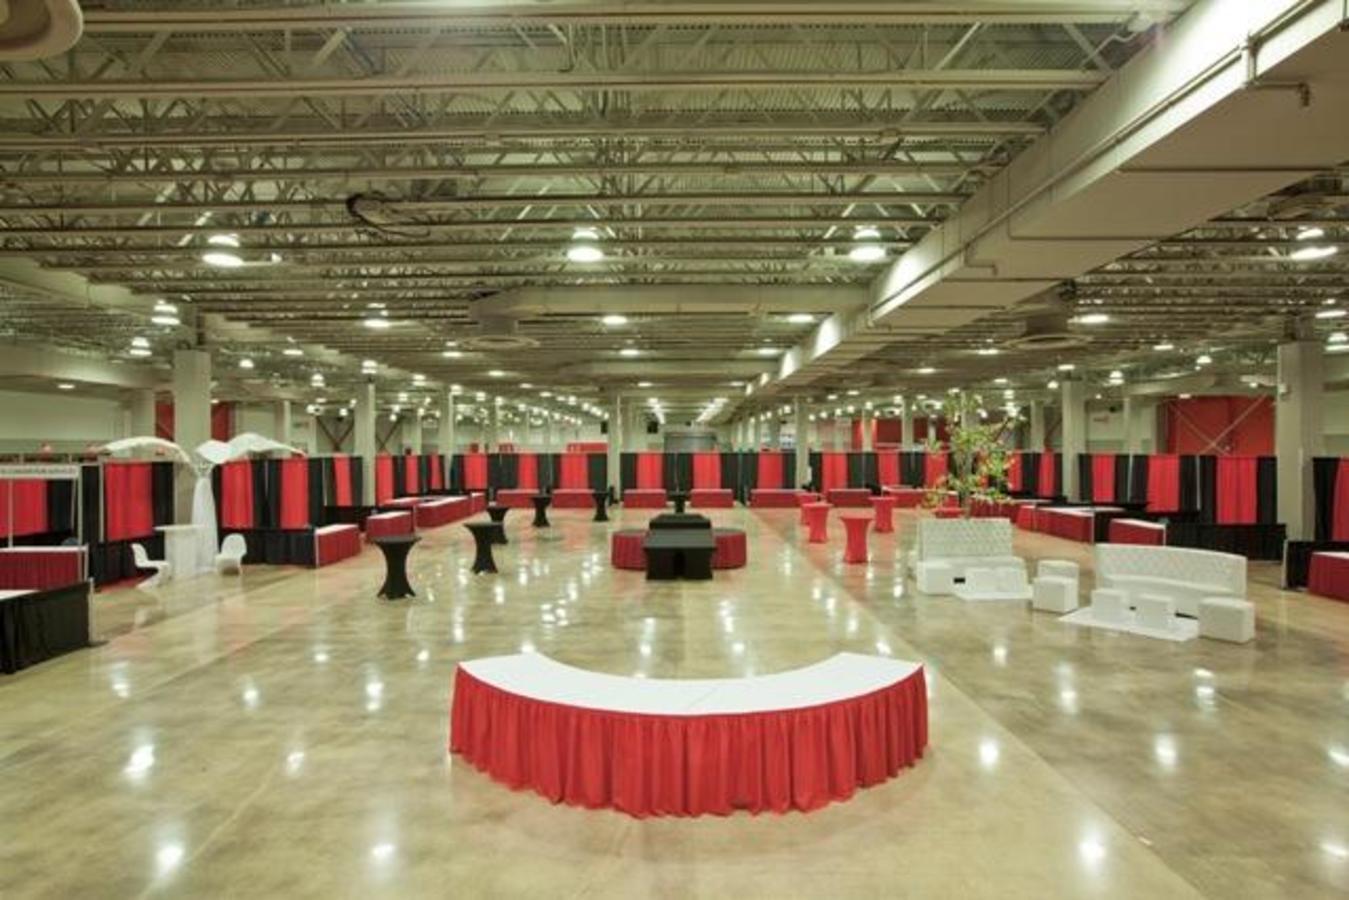 MACC West Hall Trade Show Setup